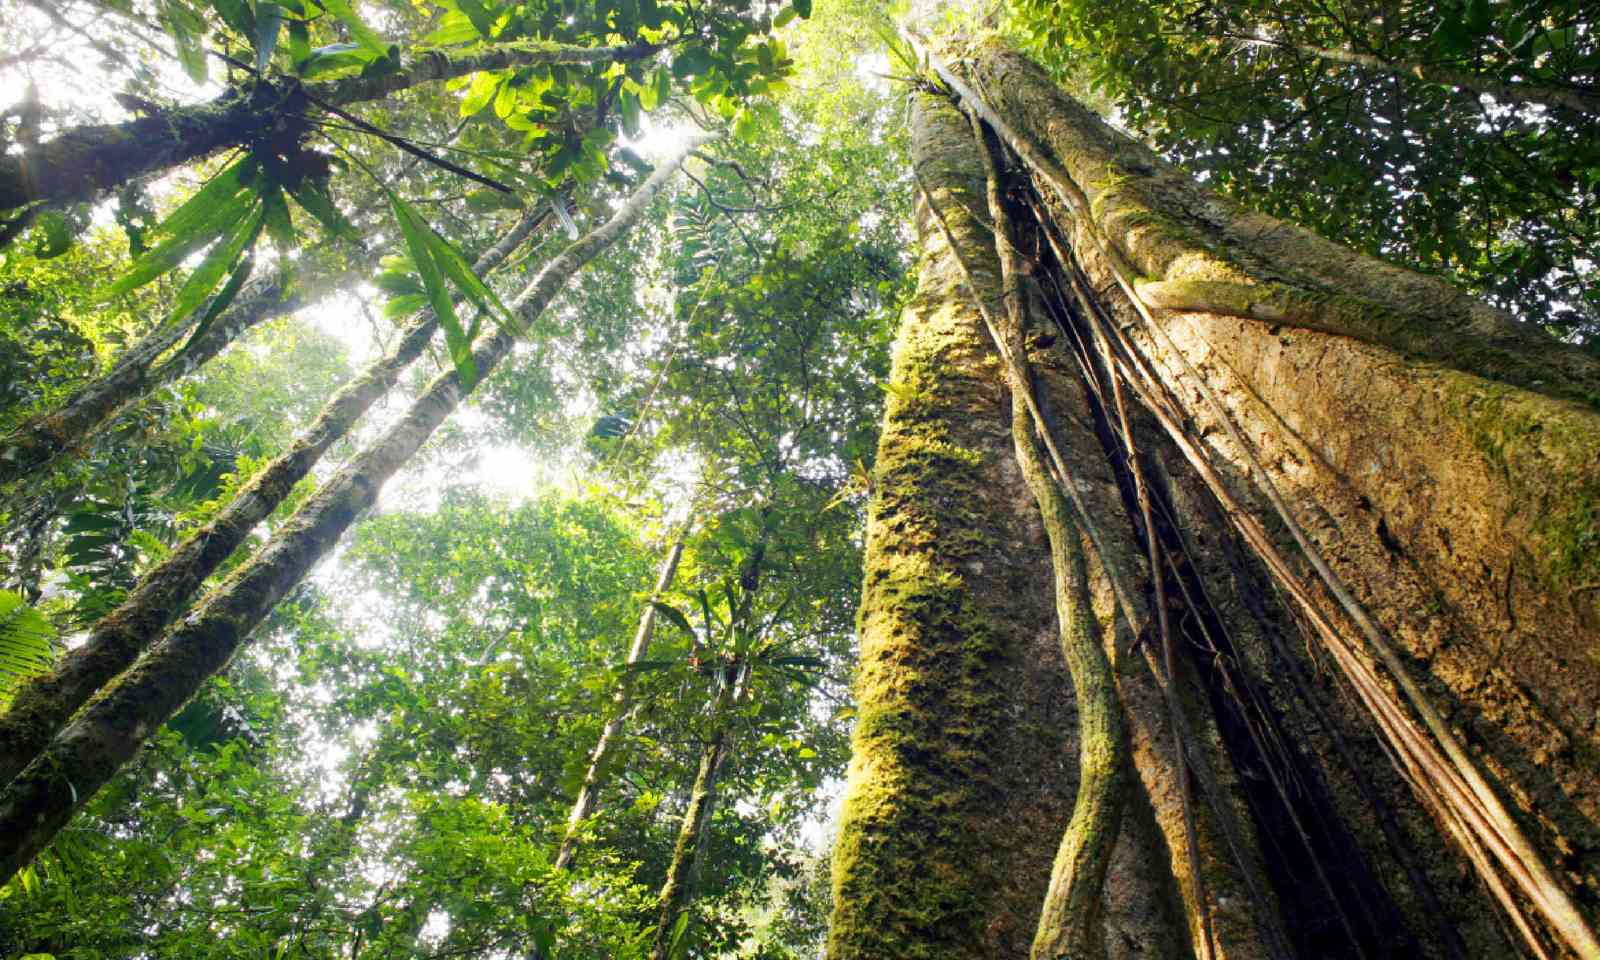 Rainforest, Ecuador (Shutterstock)